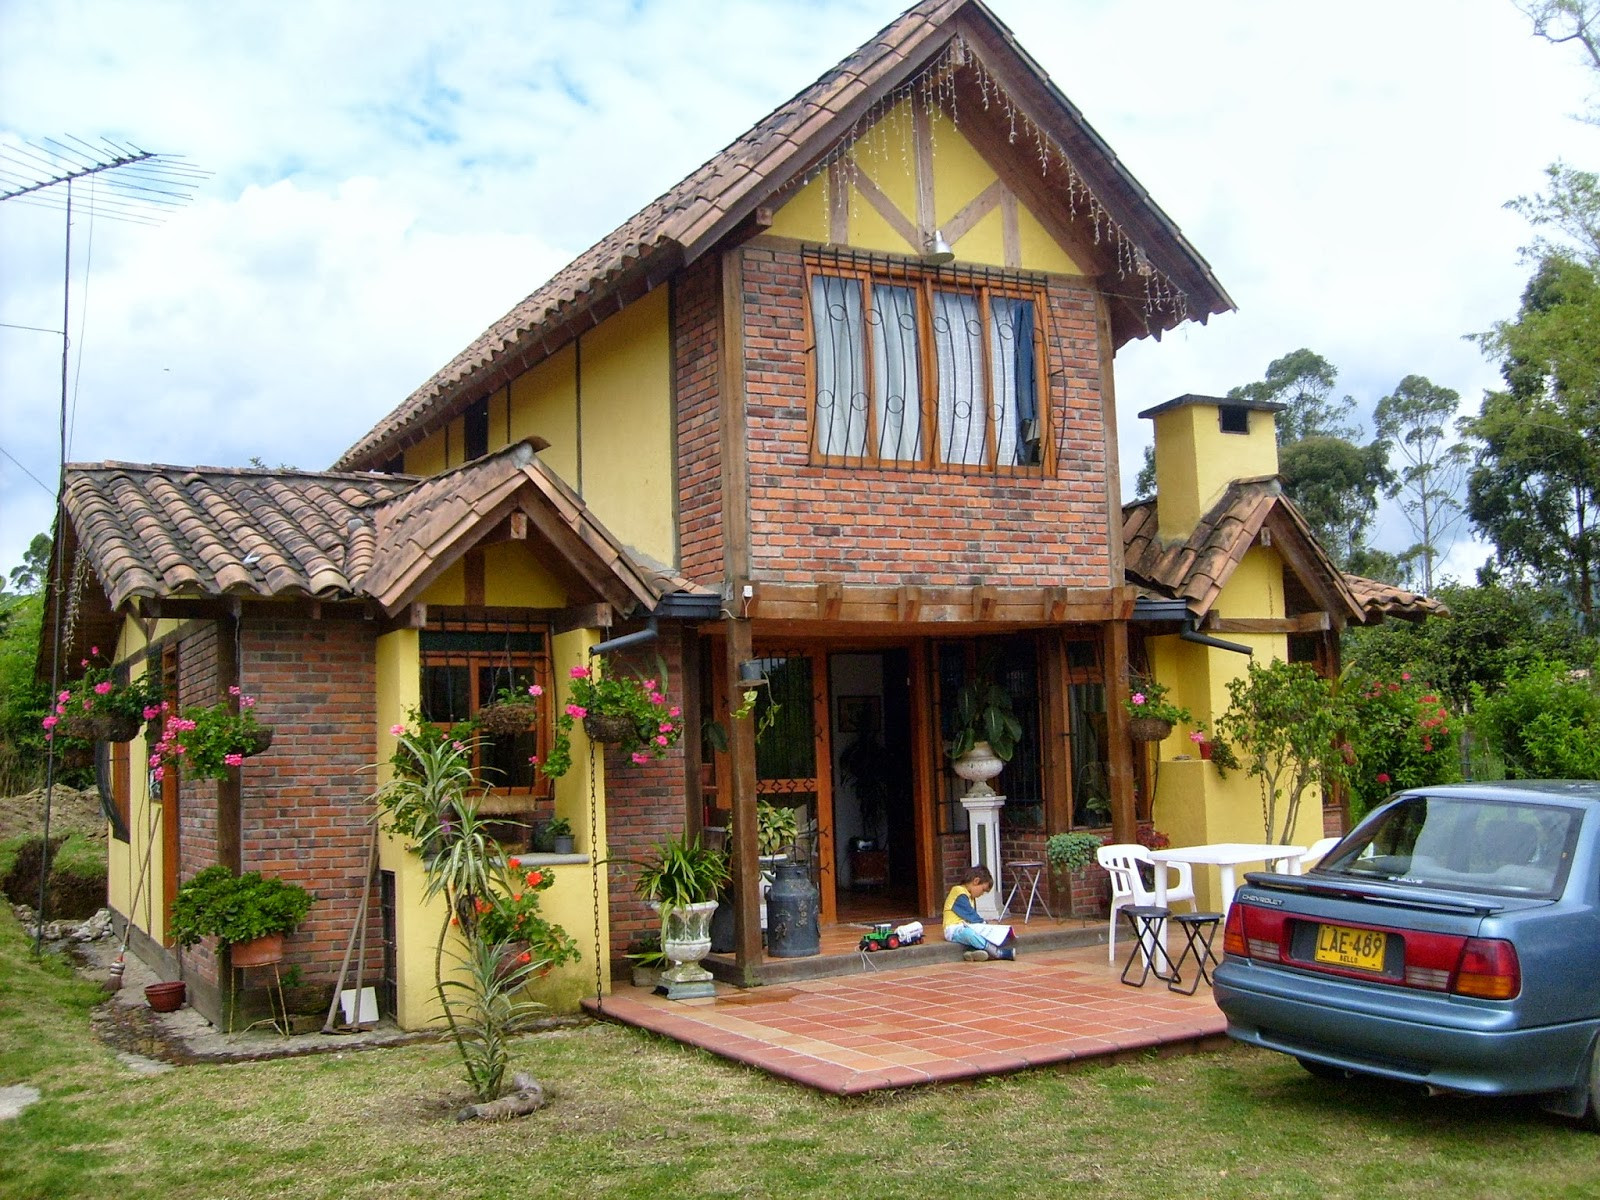 Decoracion actual de moda fachadas de casas de campo - Decoracion de fachadas ...